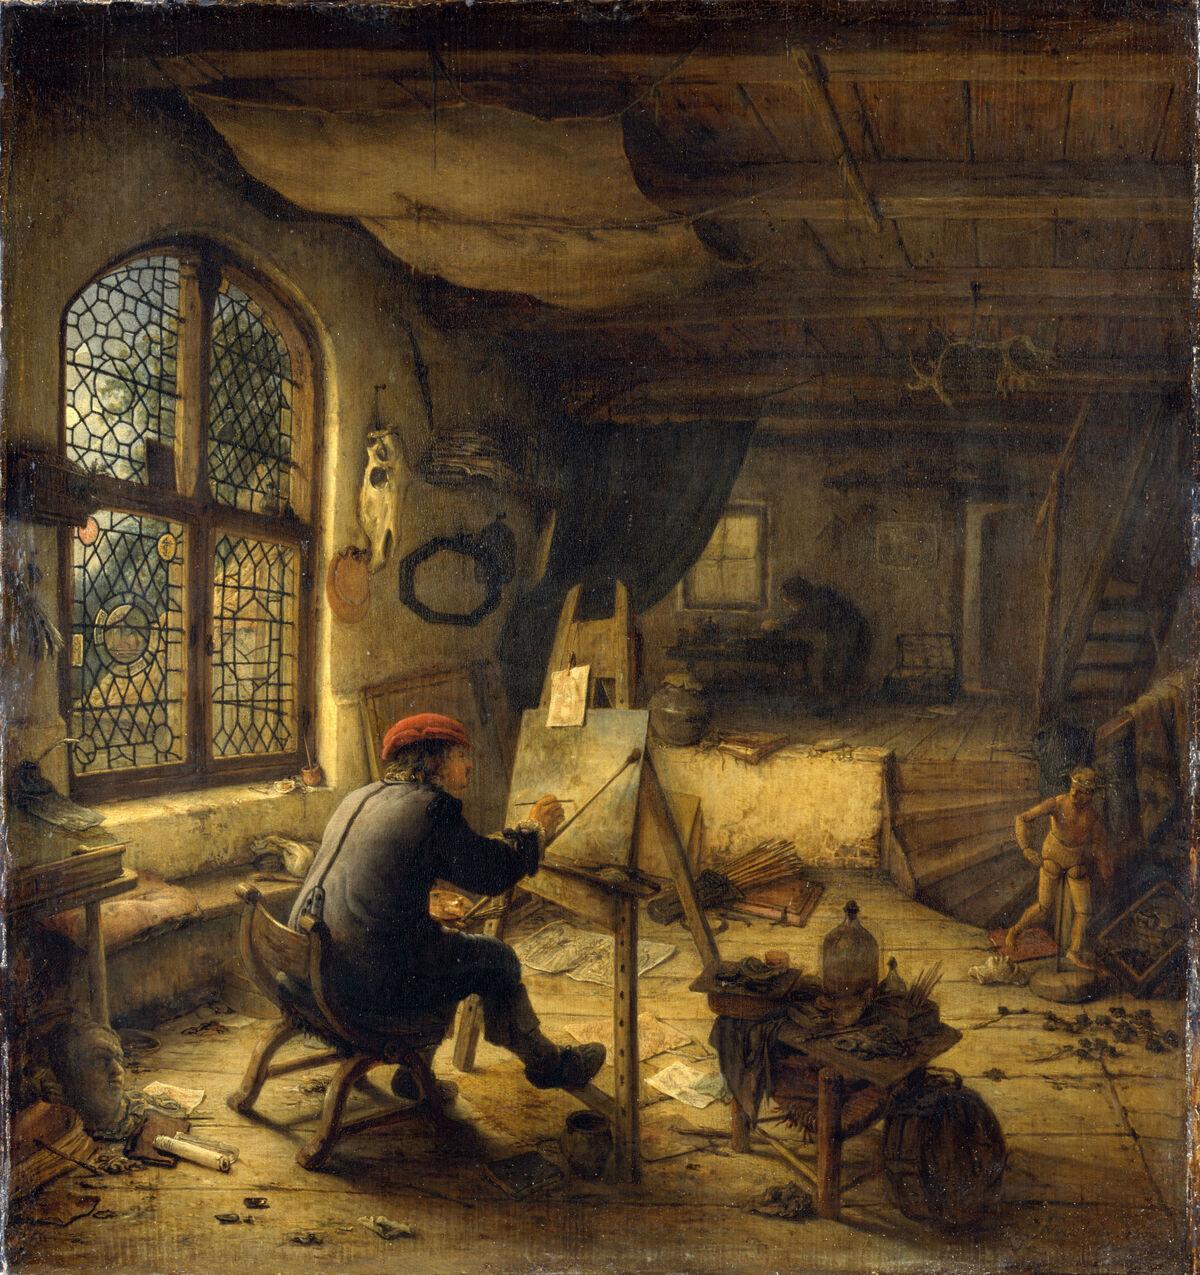 Adriaen van Ostade, Der Maier in seiner Werkstatt, 1683. Photo by Hans-Peter Klut. © bpk, Staatliche Kunstsammlungen Dresden.